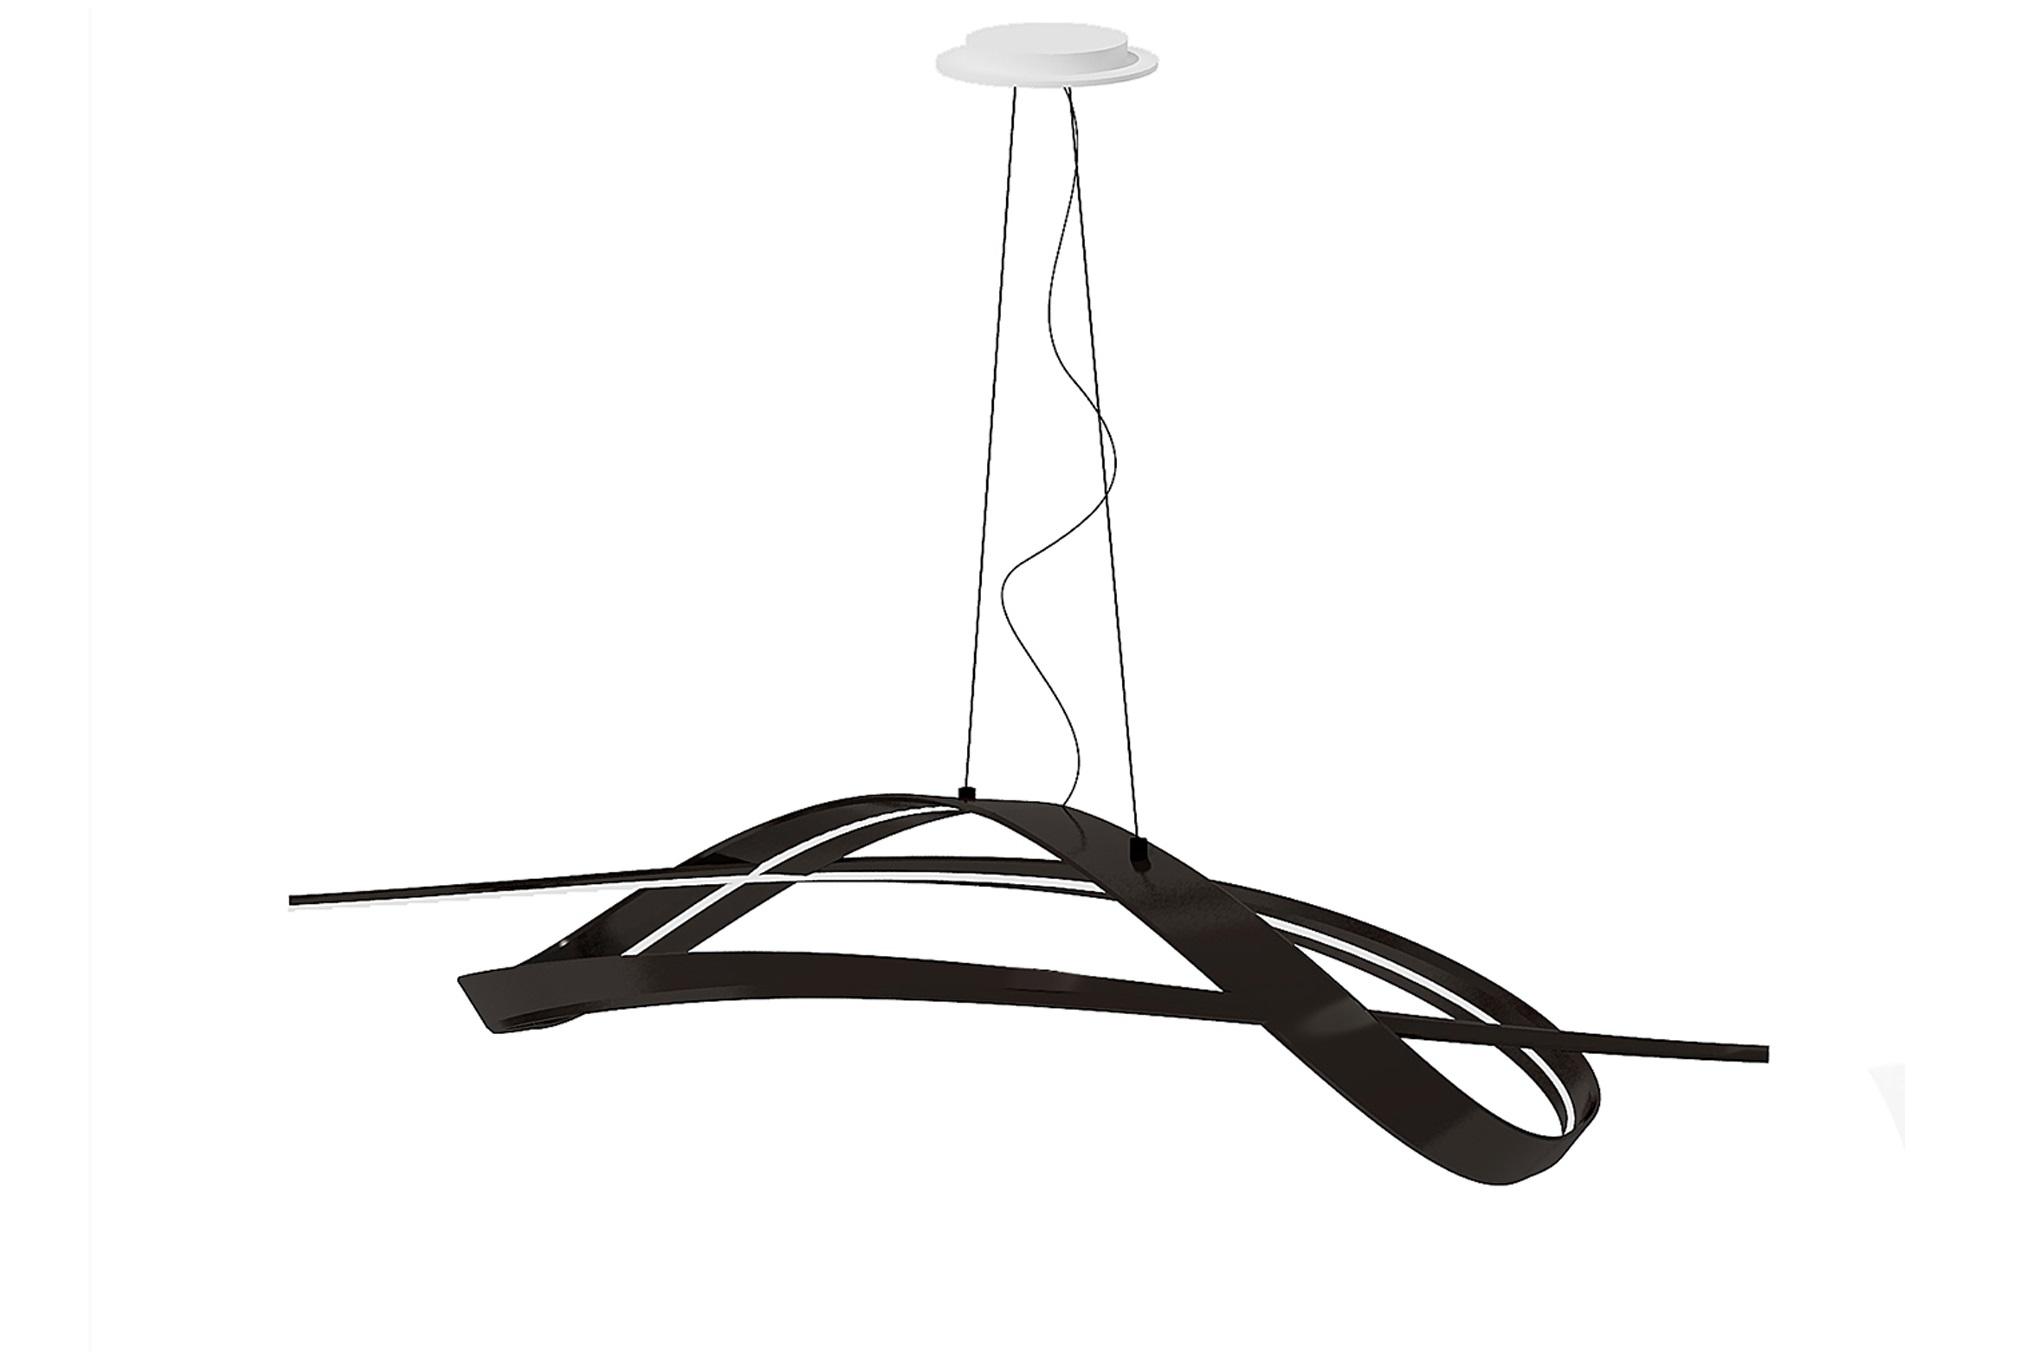 Подвесной светильник Brazo LПодвесные светильники<br>&amp;lt;div&amp;gt;Легкий светильник из гнутого дерева. Источники света светодиодные, количество света эквивалентно 100 ваттной лампочке.&amp;amp;nbsp;&amp;lt;/div&amp;gt;&amp;lt;div&amp;gt;&amp;lt;br&amp;gt;&amp;lt;/div&amp;gt;&amp;lt;div&amp;gt;Материал: натуральное дерево береза, 10 вариантов тонировок.&amp;lt;/div&amp;gt;<br><br>Material: Береза<br>Length см: None<br>Width см: 146<br>Depth см: 58<br>Height см: 30<br>Diameter см: None